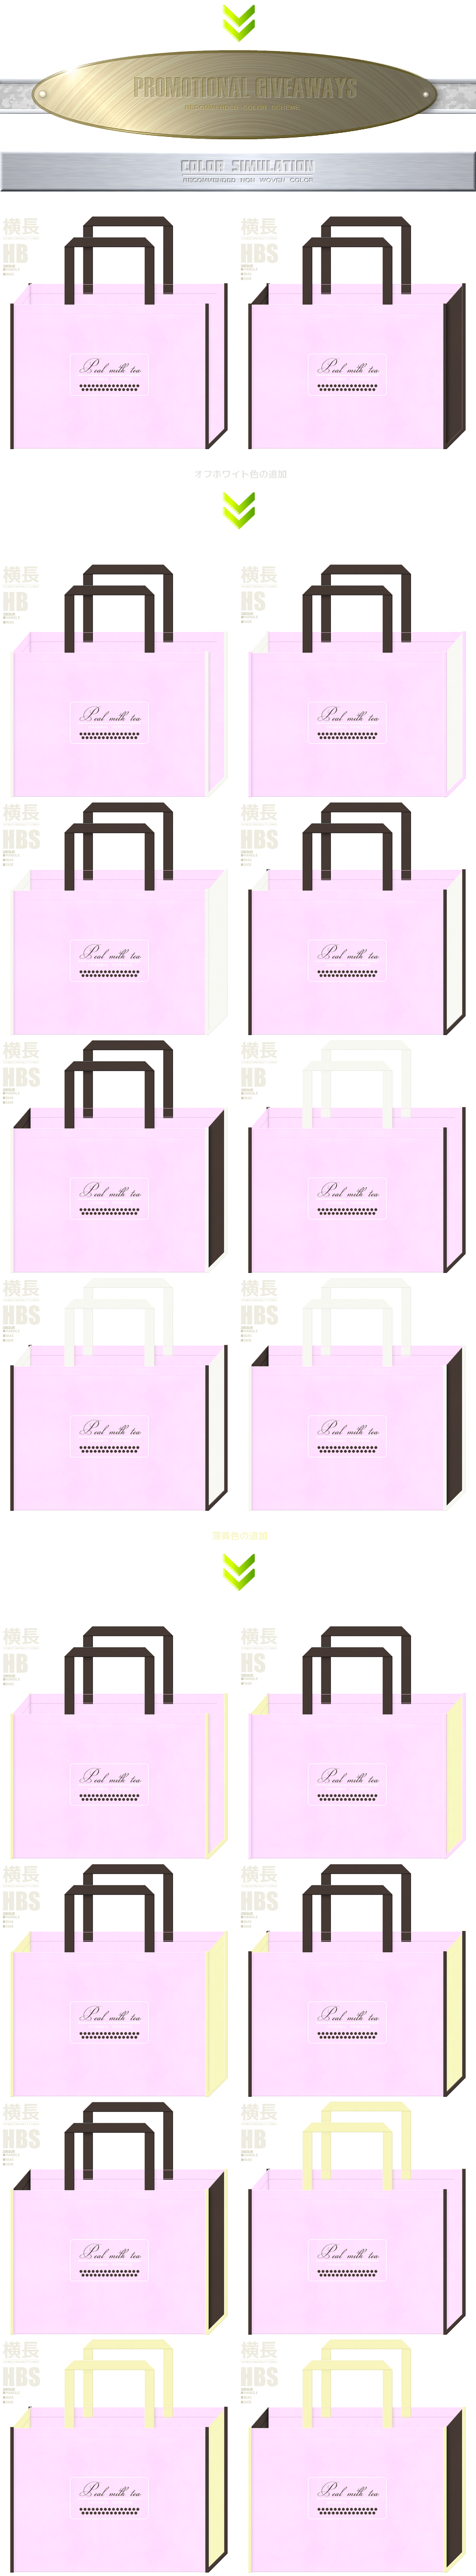 パステルピンク色とこげ茶色をメインに使用した、ガーリーデザインの不織布バッグのカラーシミュレーション:チョコドリンク・タピオカドリンクの販促ノベルティ